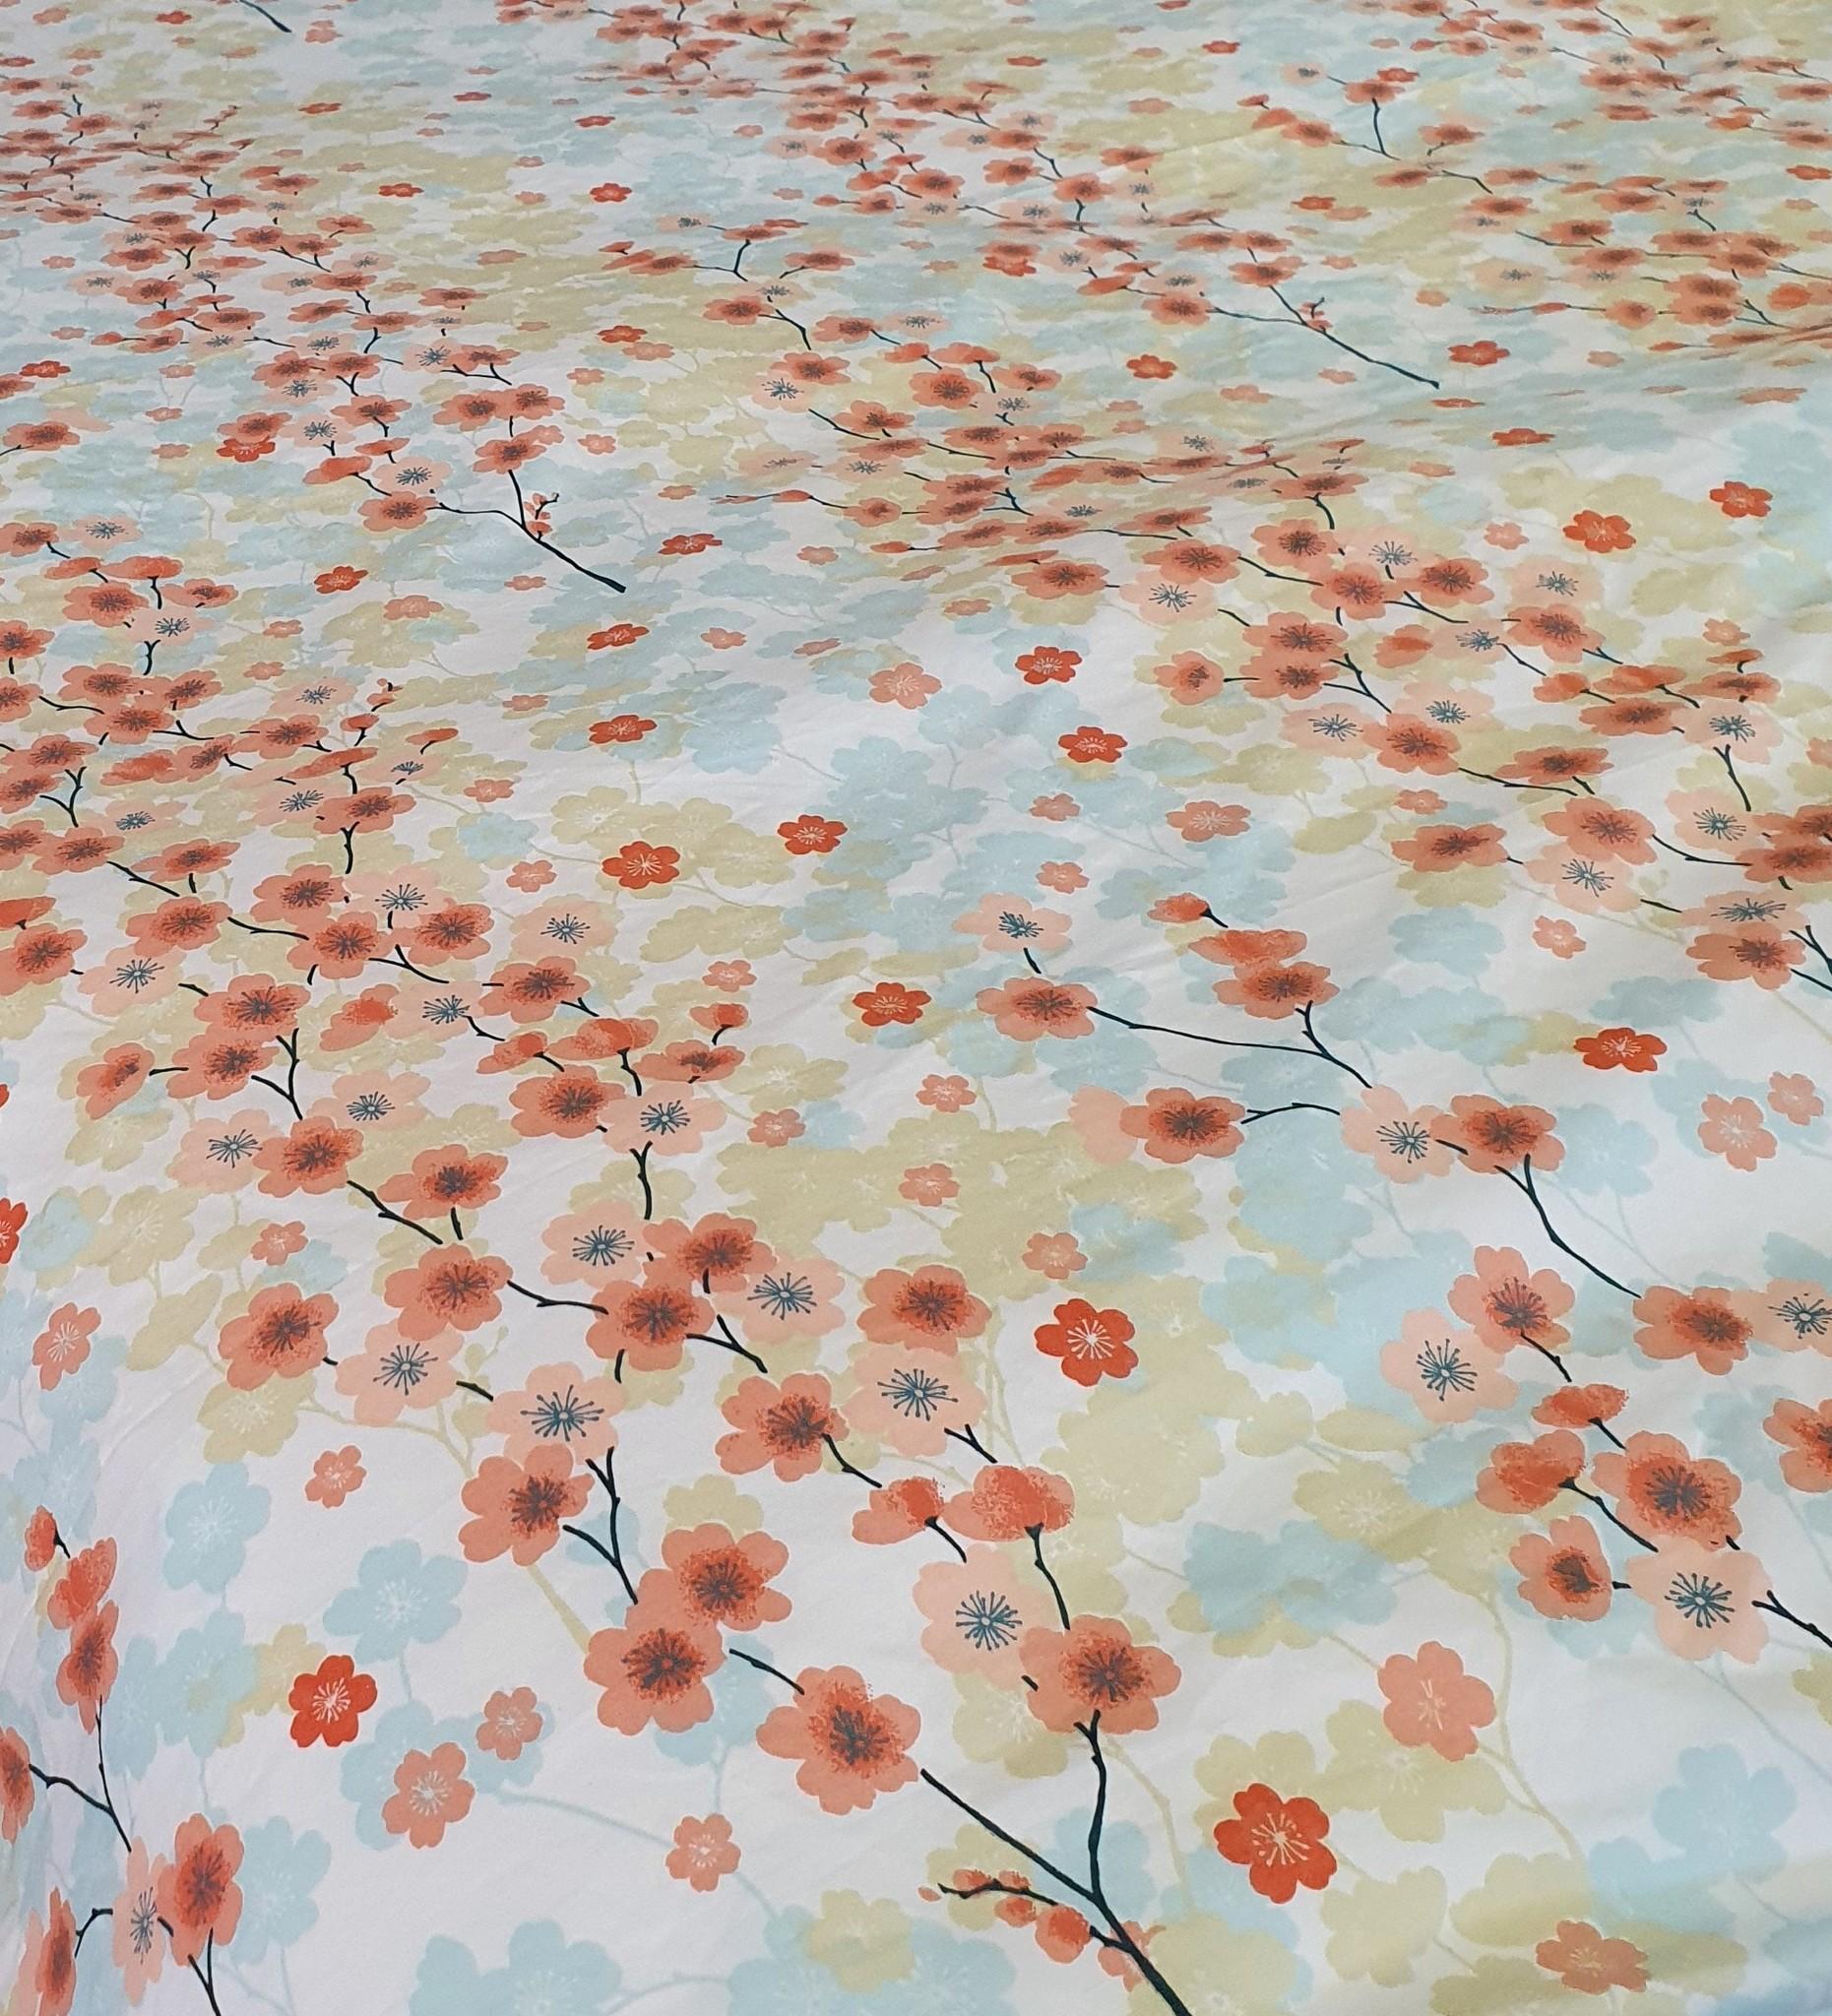 Sofiben Budgetline Sofiben dekbedovertrek met rits Cherry Blossom  katoenmenging 70% katoen / 30% polyester, 260x220 met 2 kussenslopen